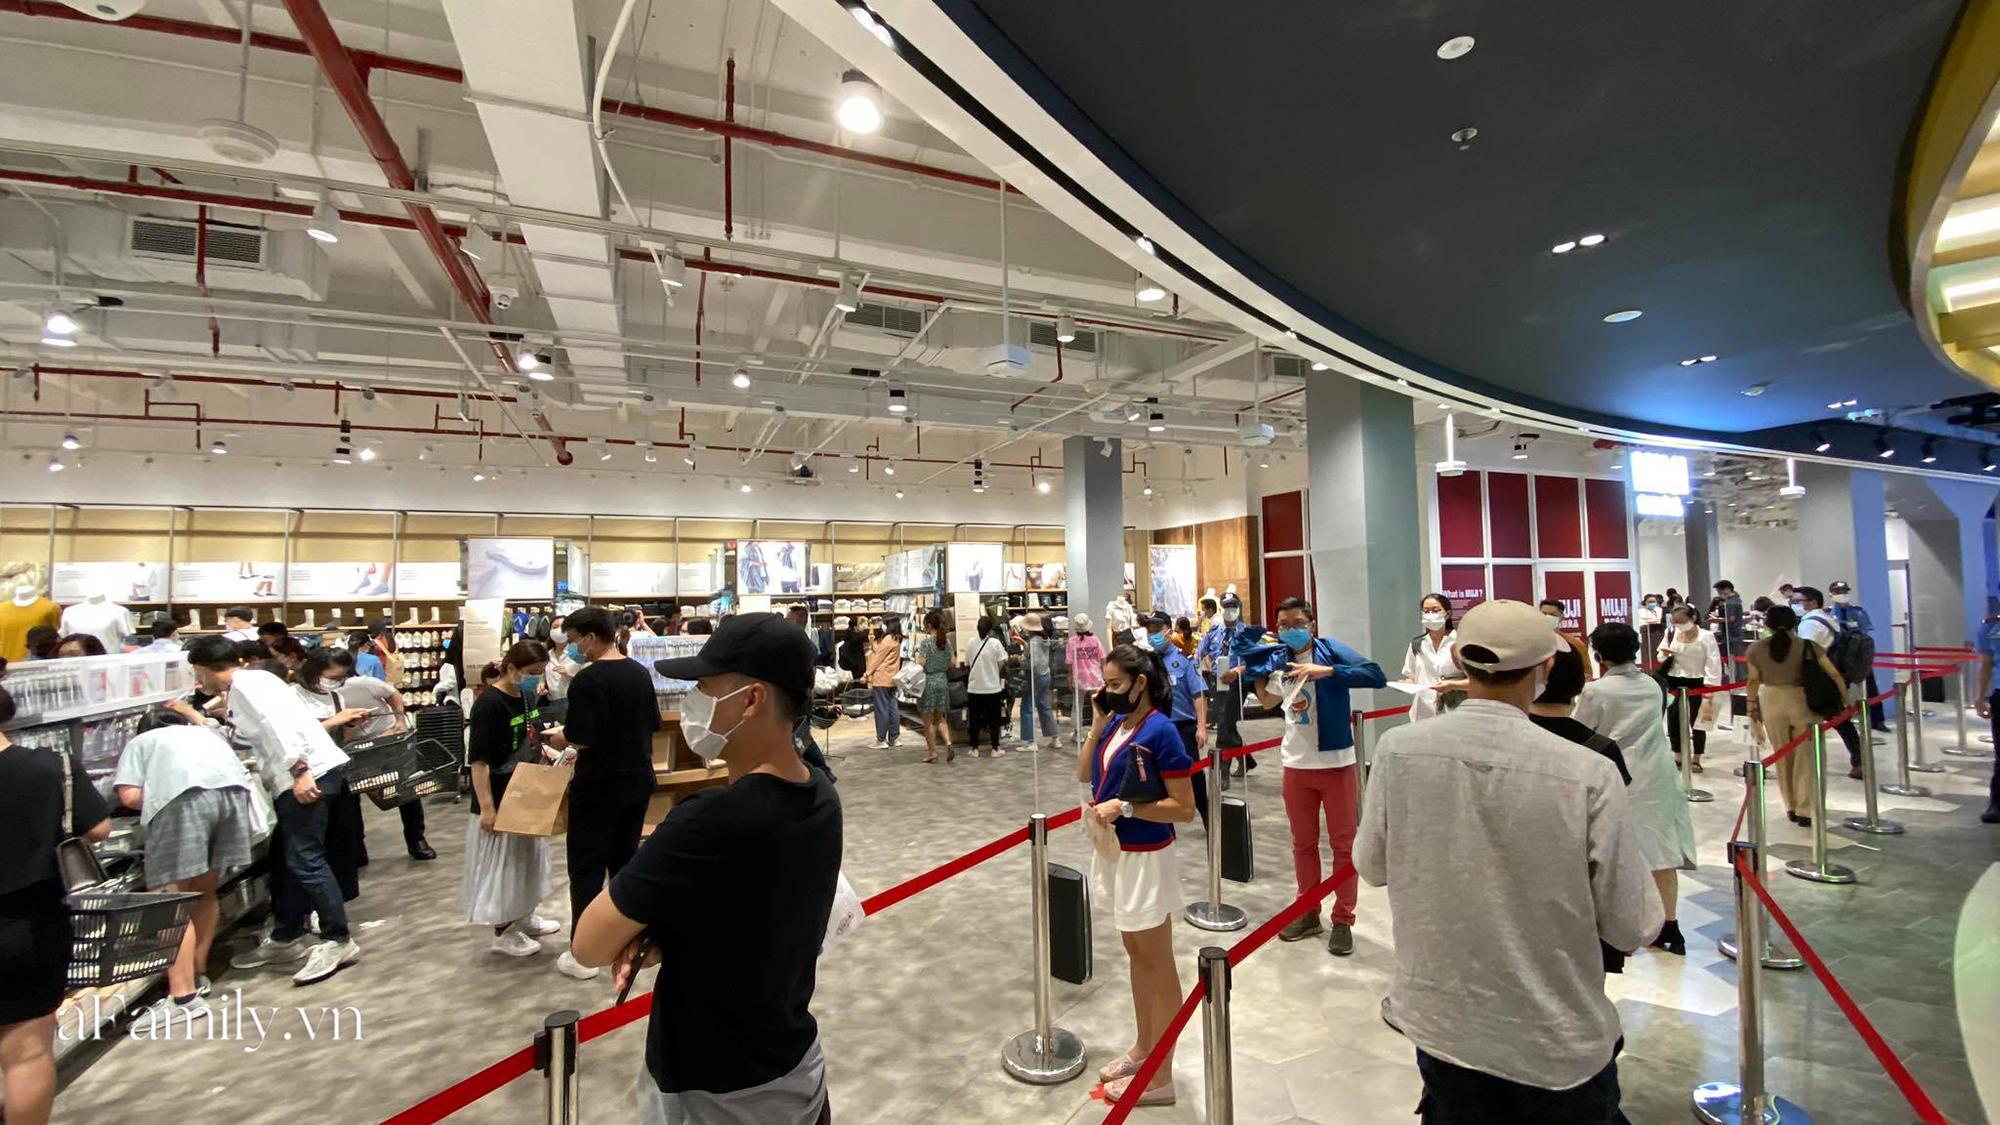 Ngày đón khách đầu tiên của MUJI tại Sài Gòn, không truyền thông rầm rộ nhưng dòng người xếp hàng dài cách nhau 2m vẫn nối đuôi như vô tận -6